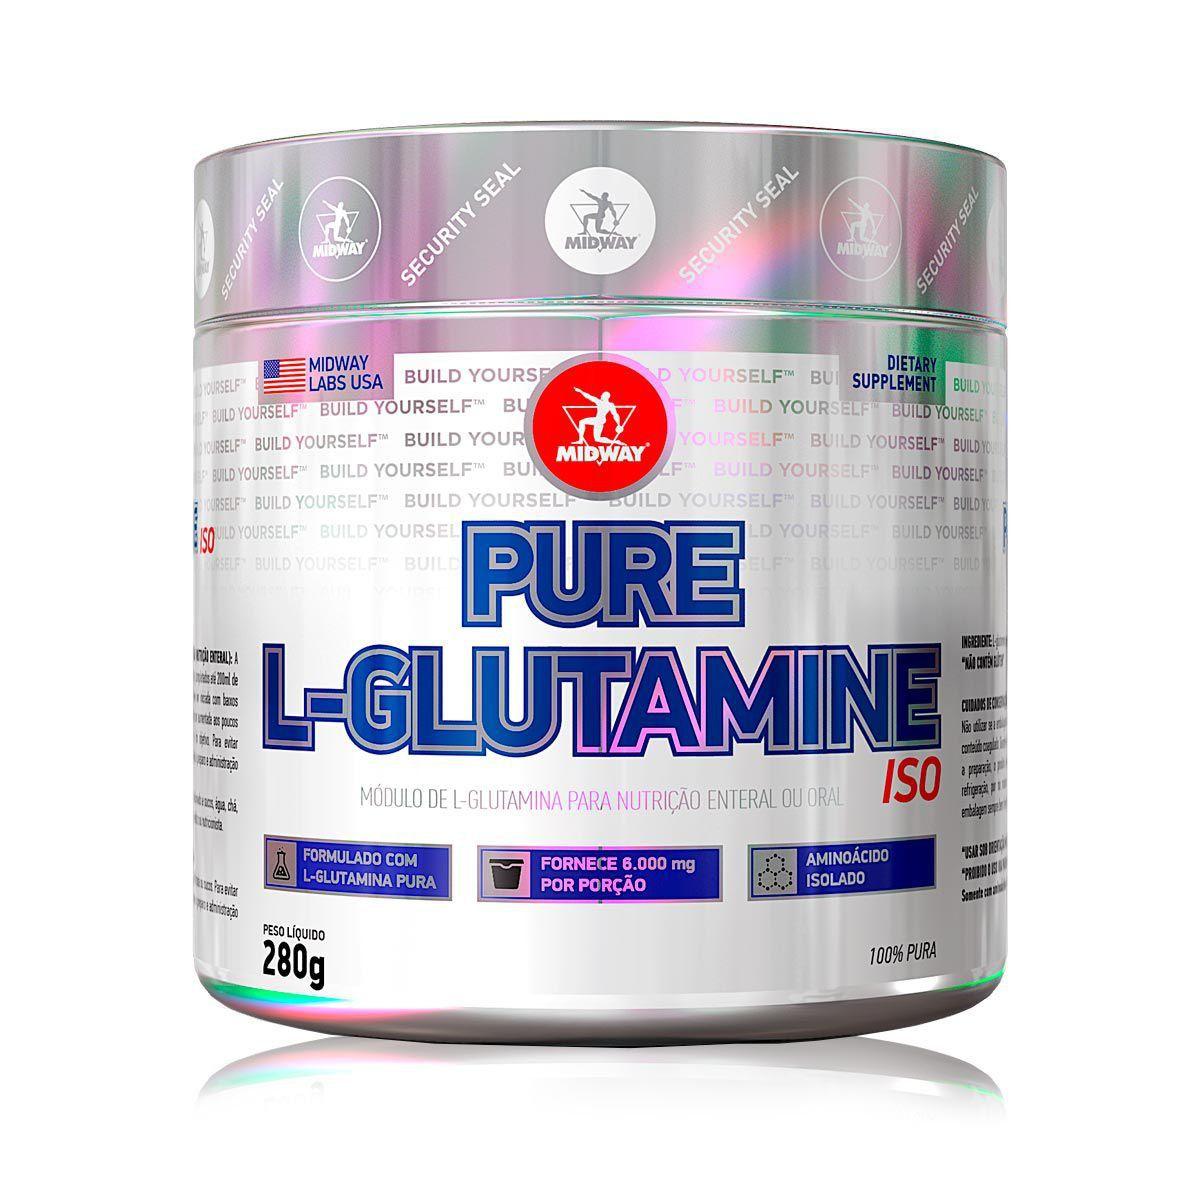 PURE L-GLUTAMINA POWDER 280G - MIDWAY